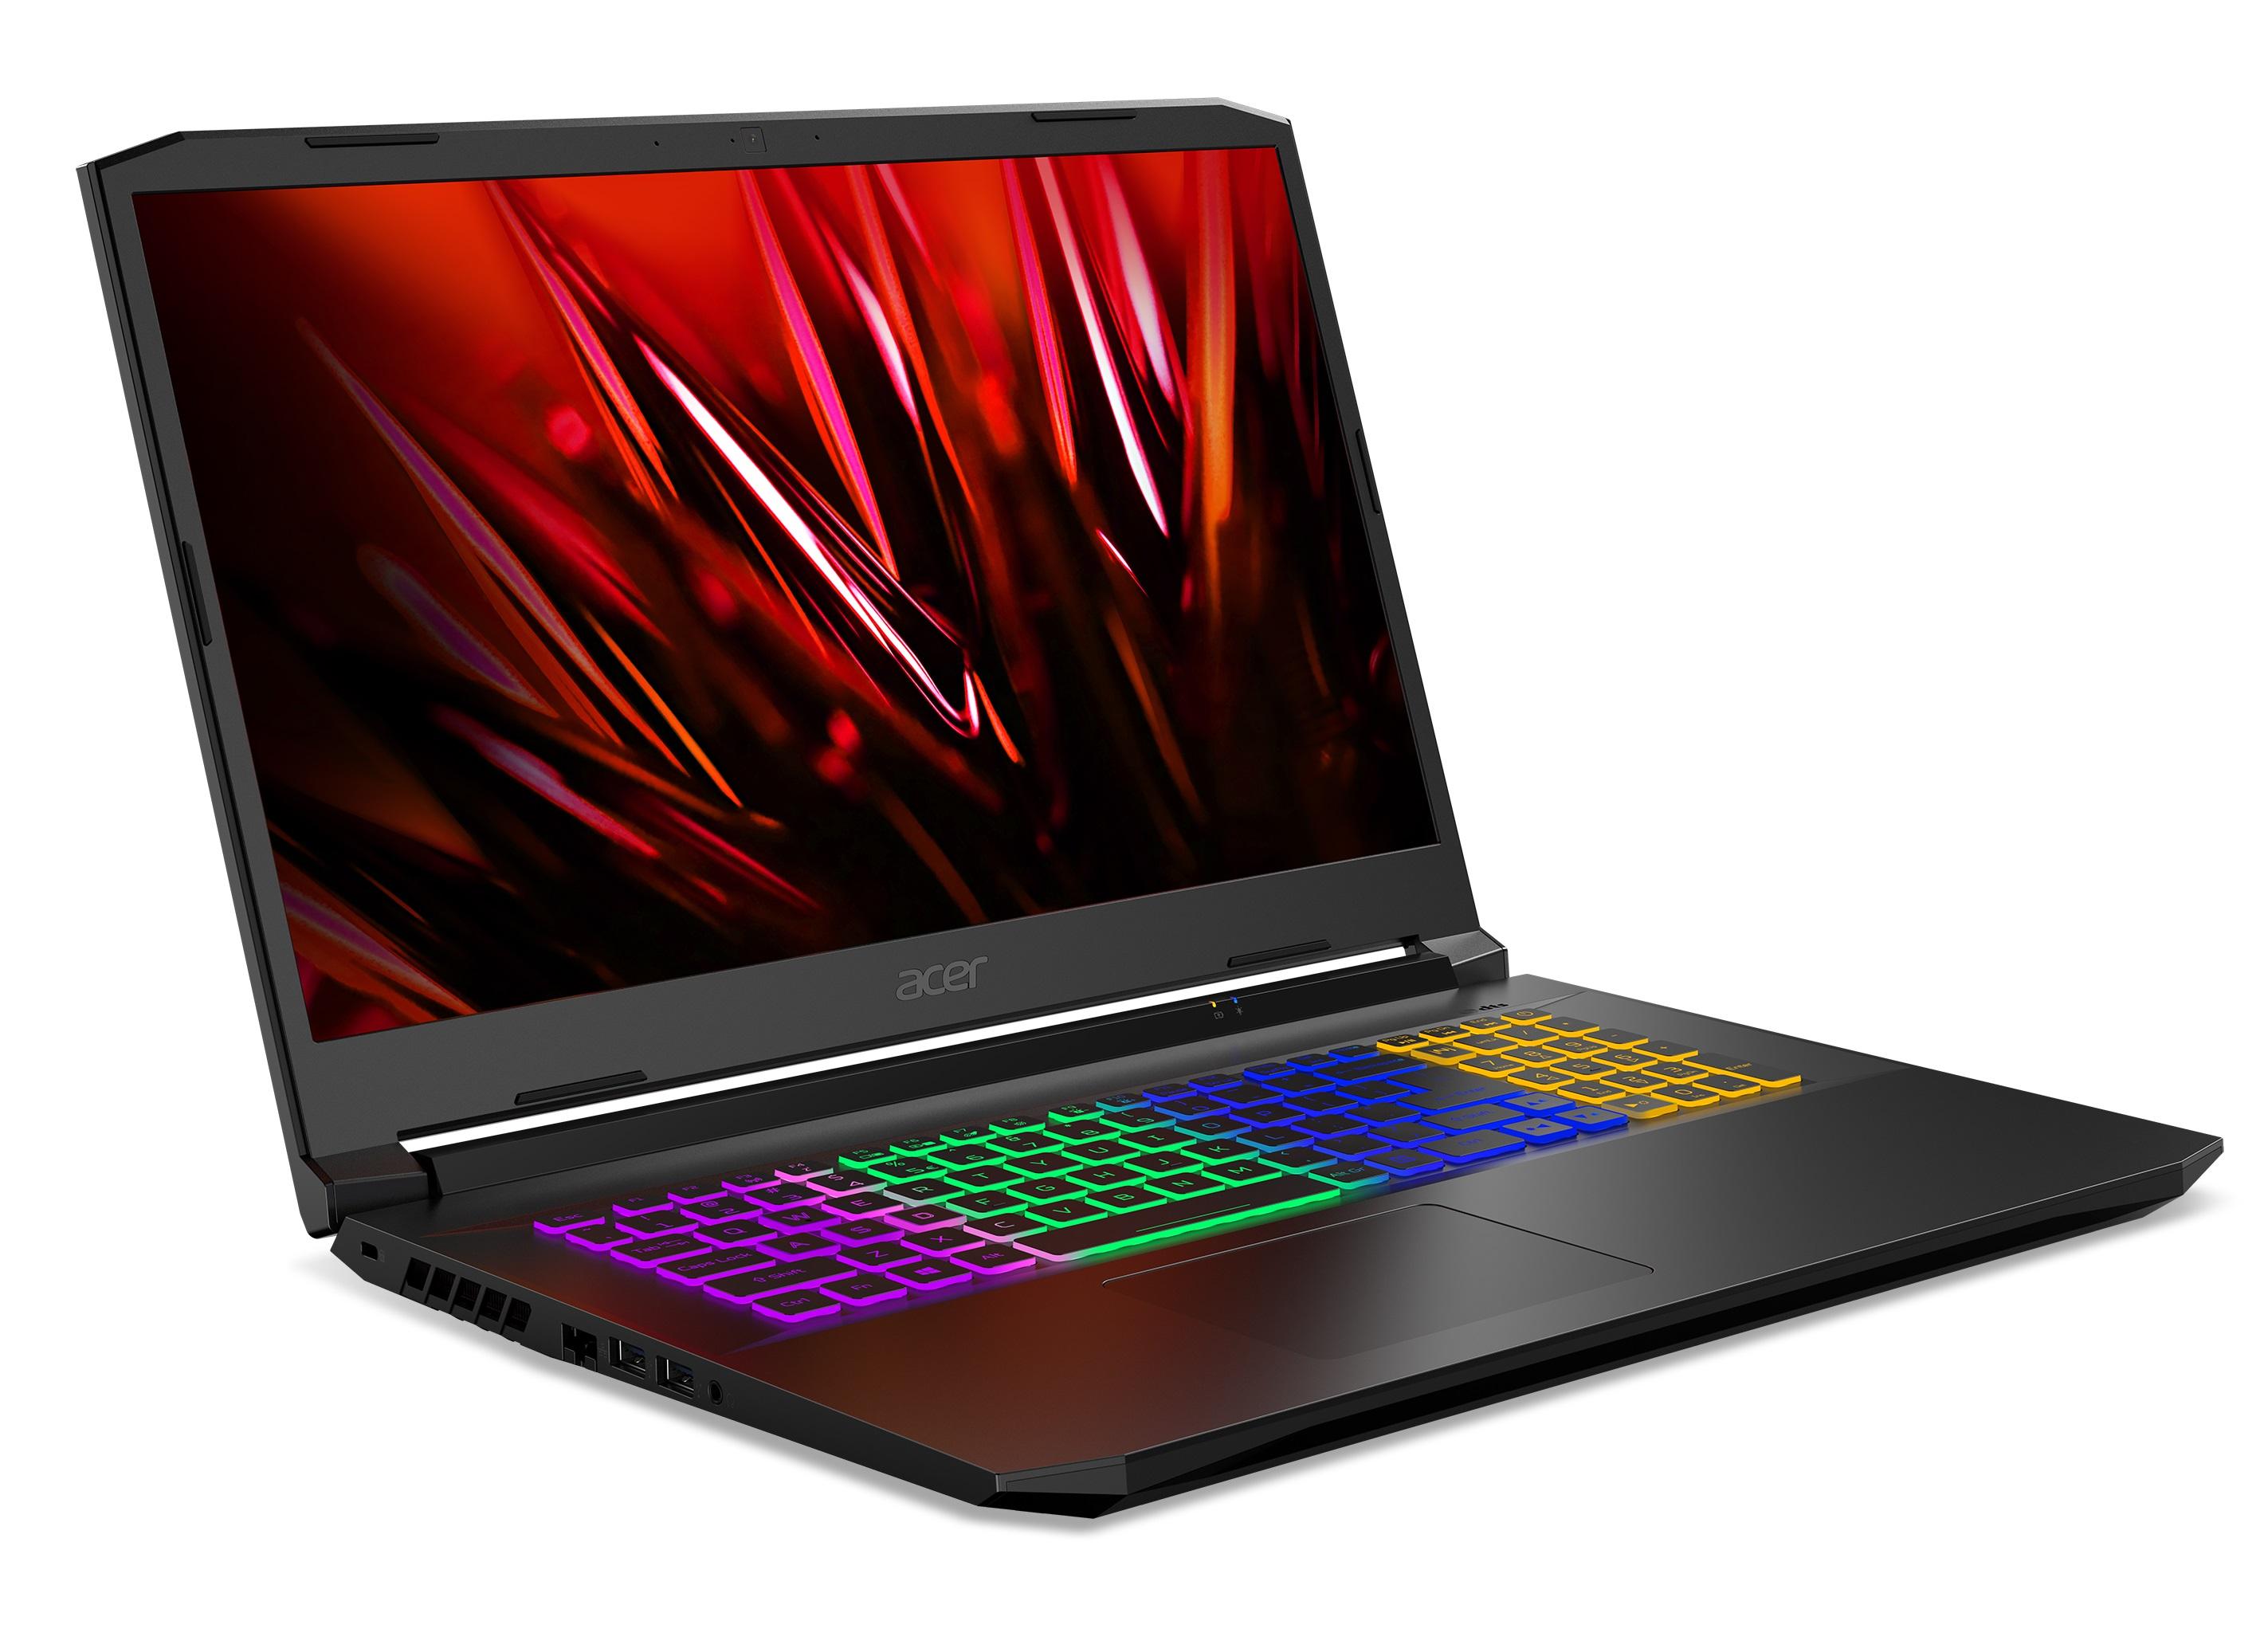 Acer en CES 2021: Computadoras, monitores y GPUs para gaming